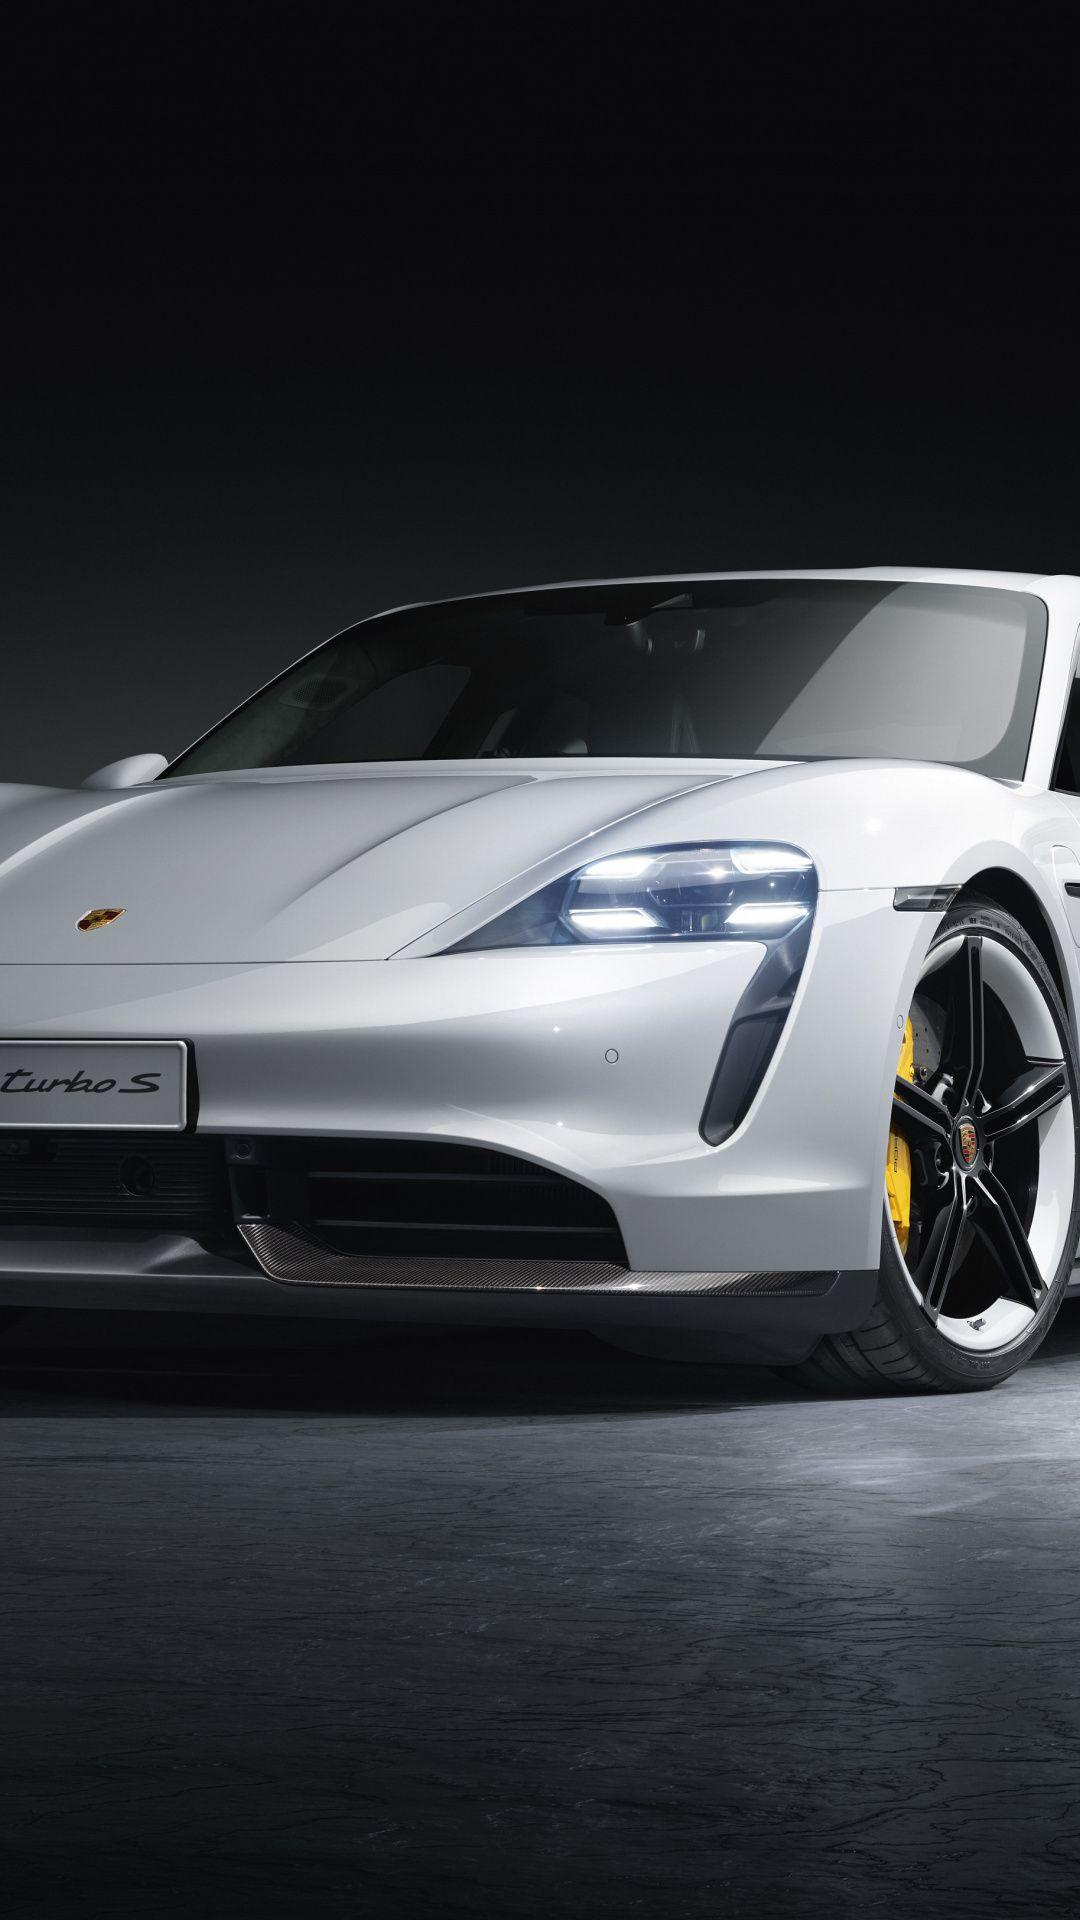 1080x1920 Porsche Taycan Turbo White Car 2019 Wallpaper Porsche Taycan White Car Porsche